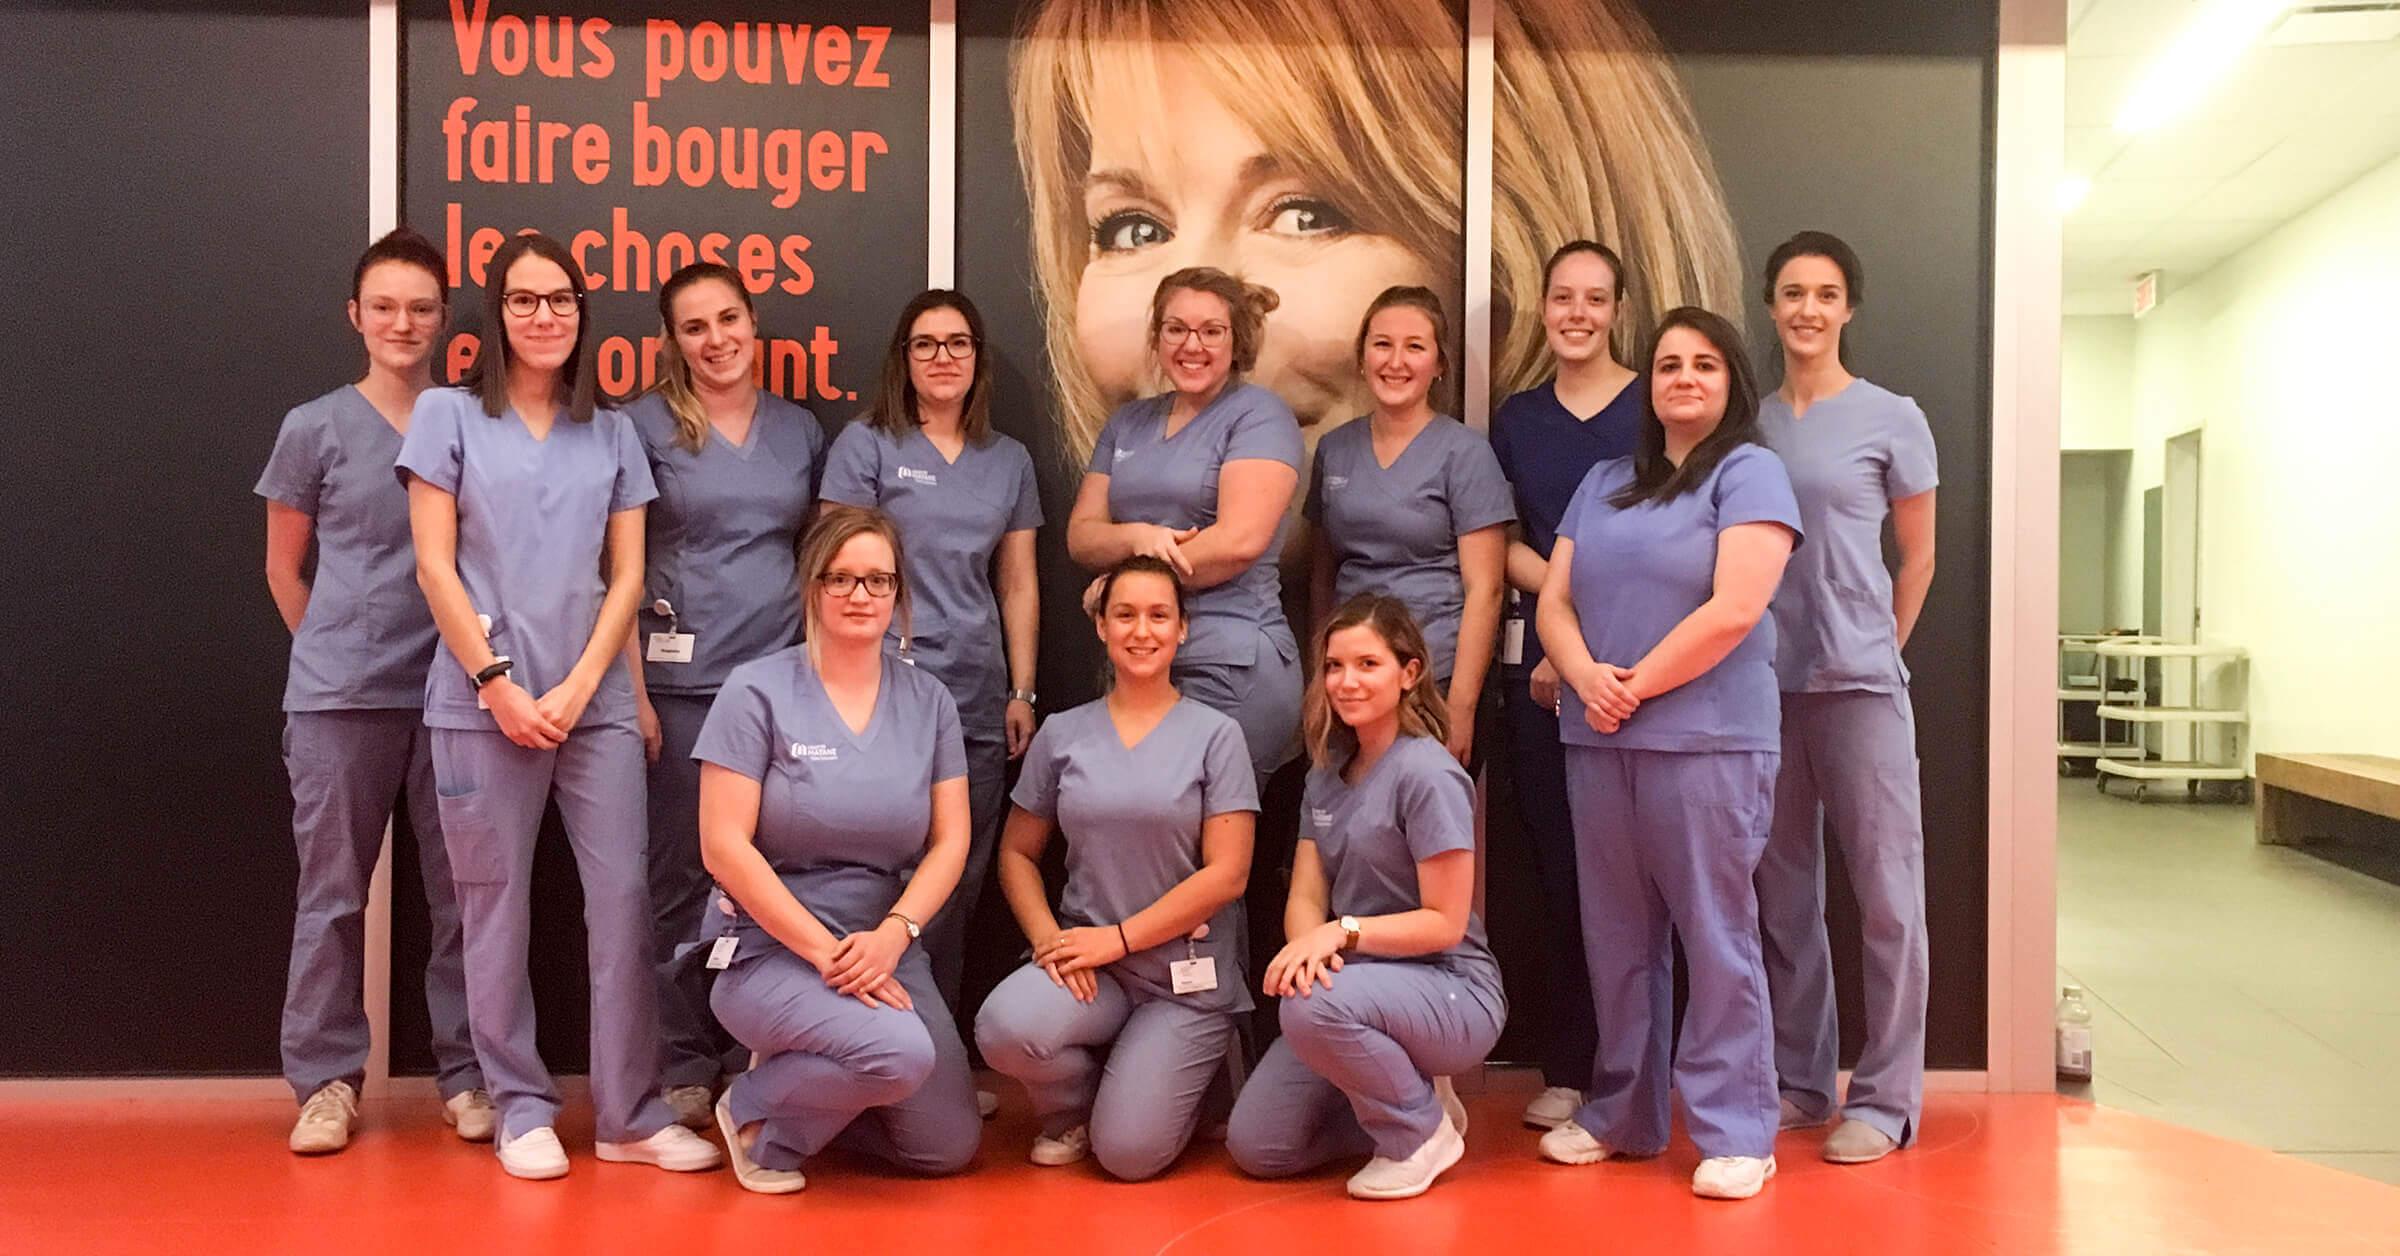 Source : Étudiants en Soins infirmiers lors de la visite à l'Ordre des infirmières et infirmiers du Québec.